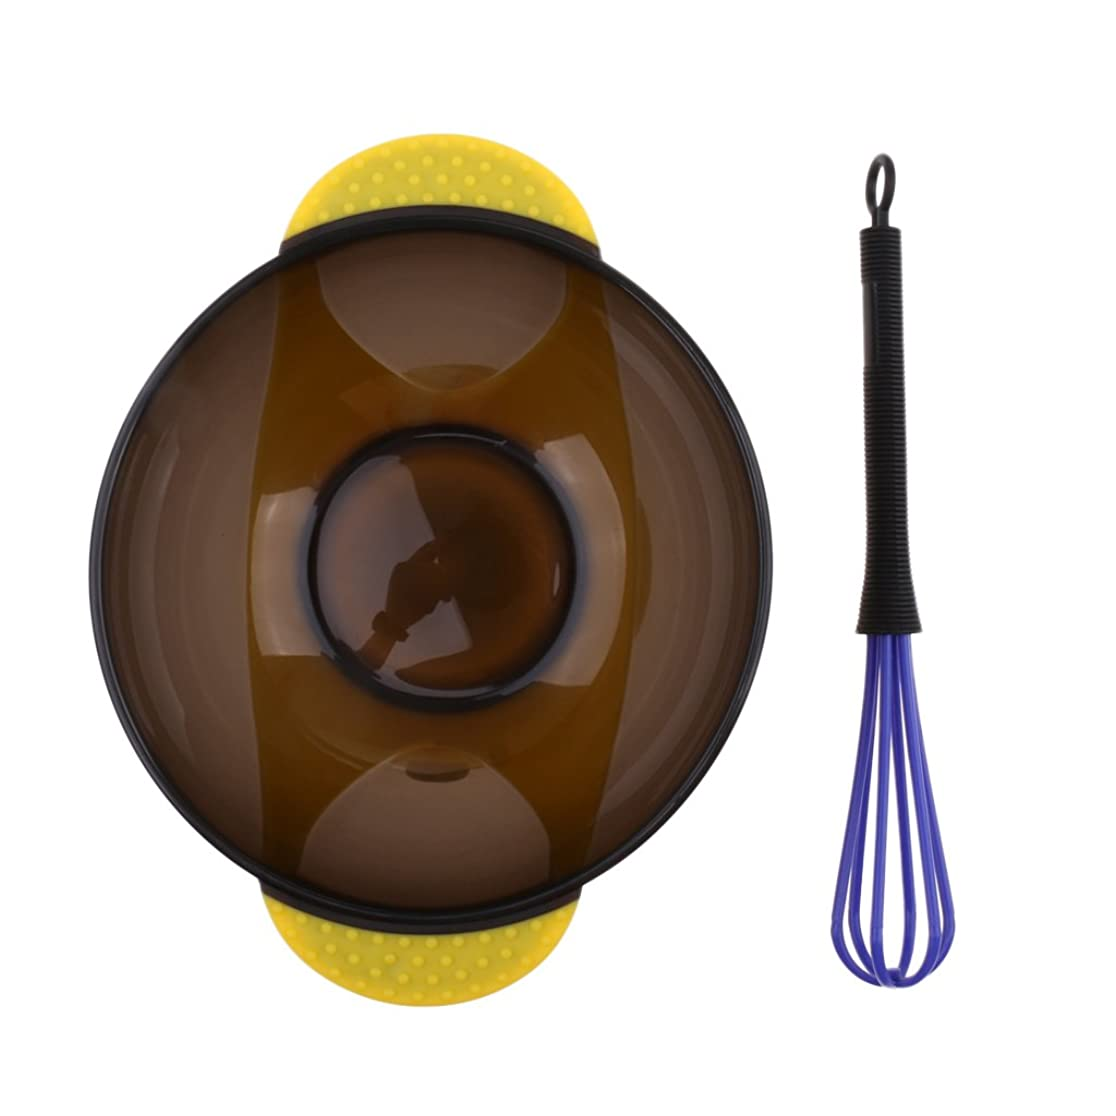 地上でスポンジメールを書くCUTICATE サロン ヘアカラー ミキシングボウル 理髪美容師用 プラスチックボウル 着色ツール